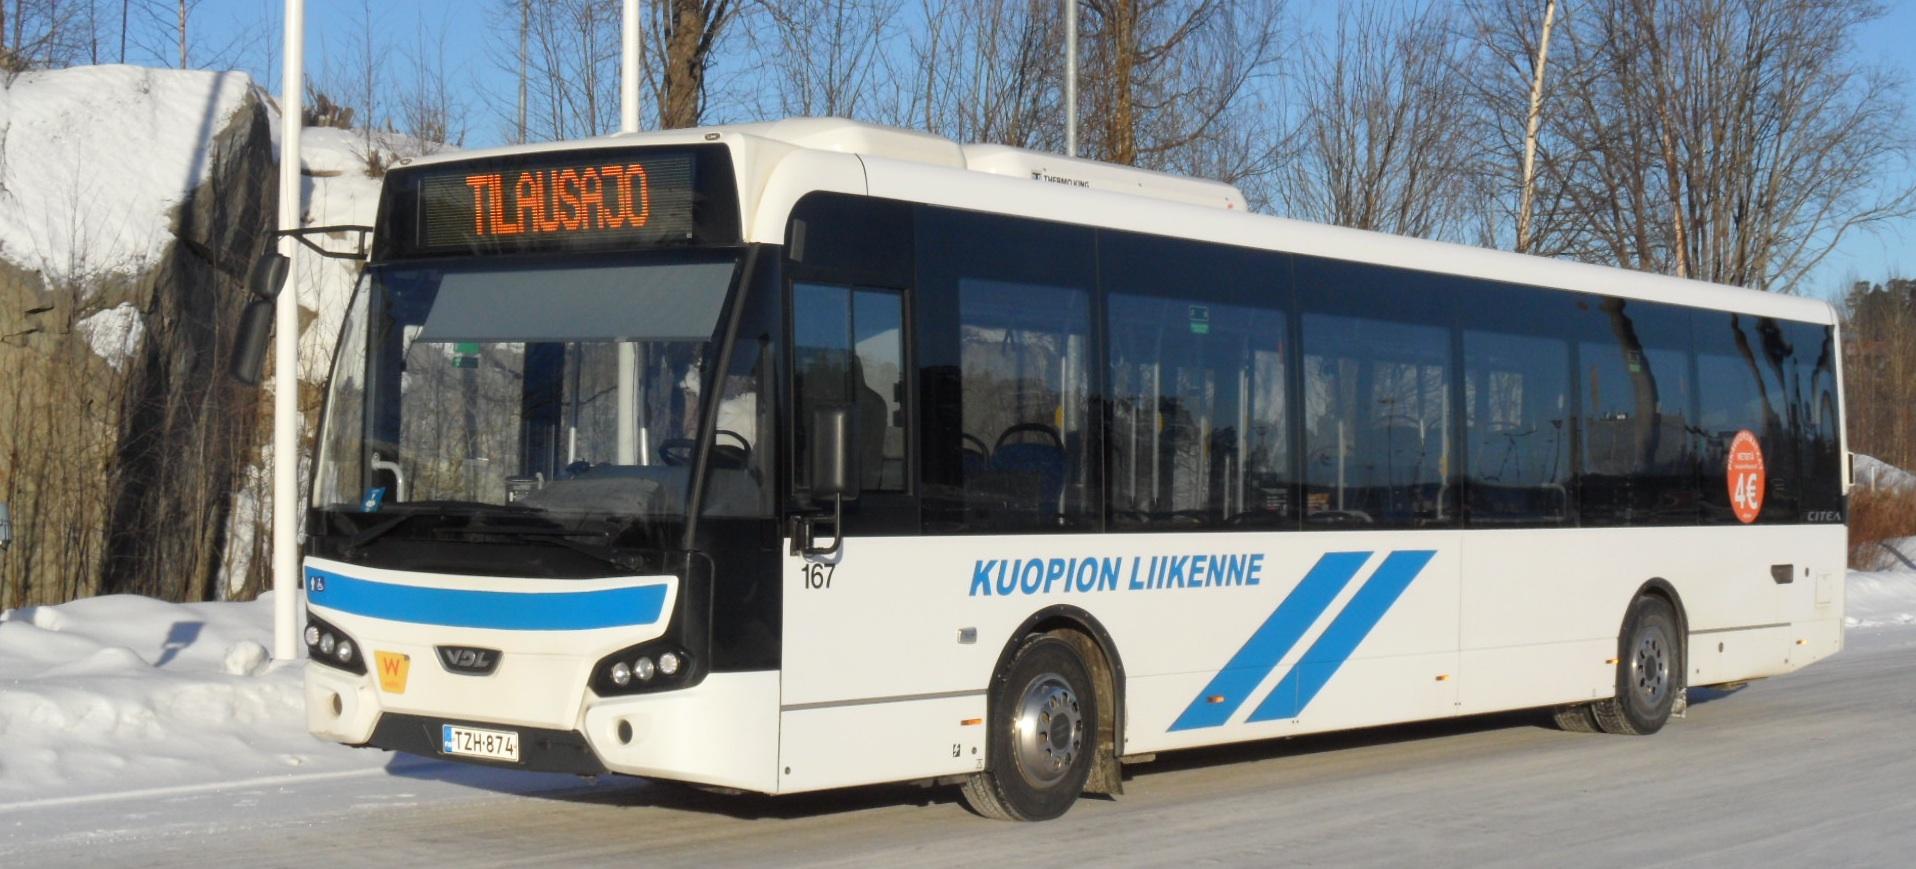 Ilmainen bussikuljetus Maljalahdenkadulta